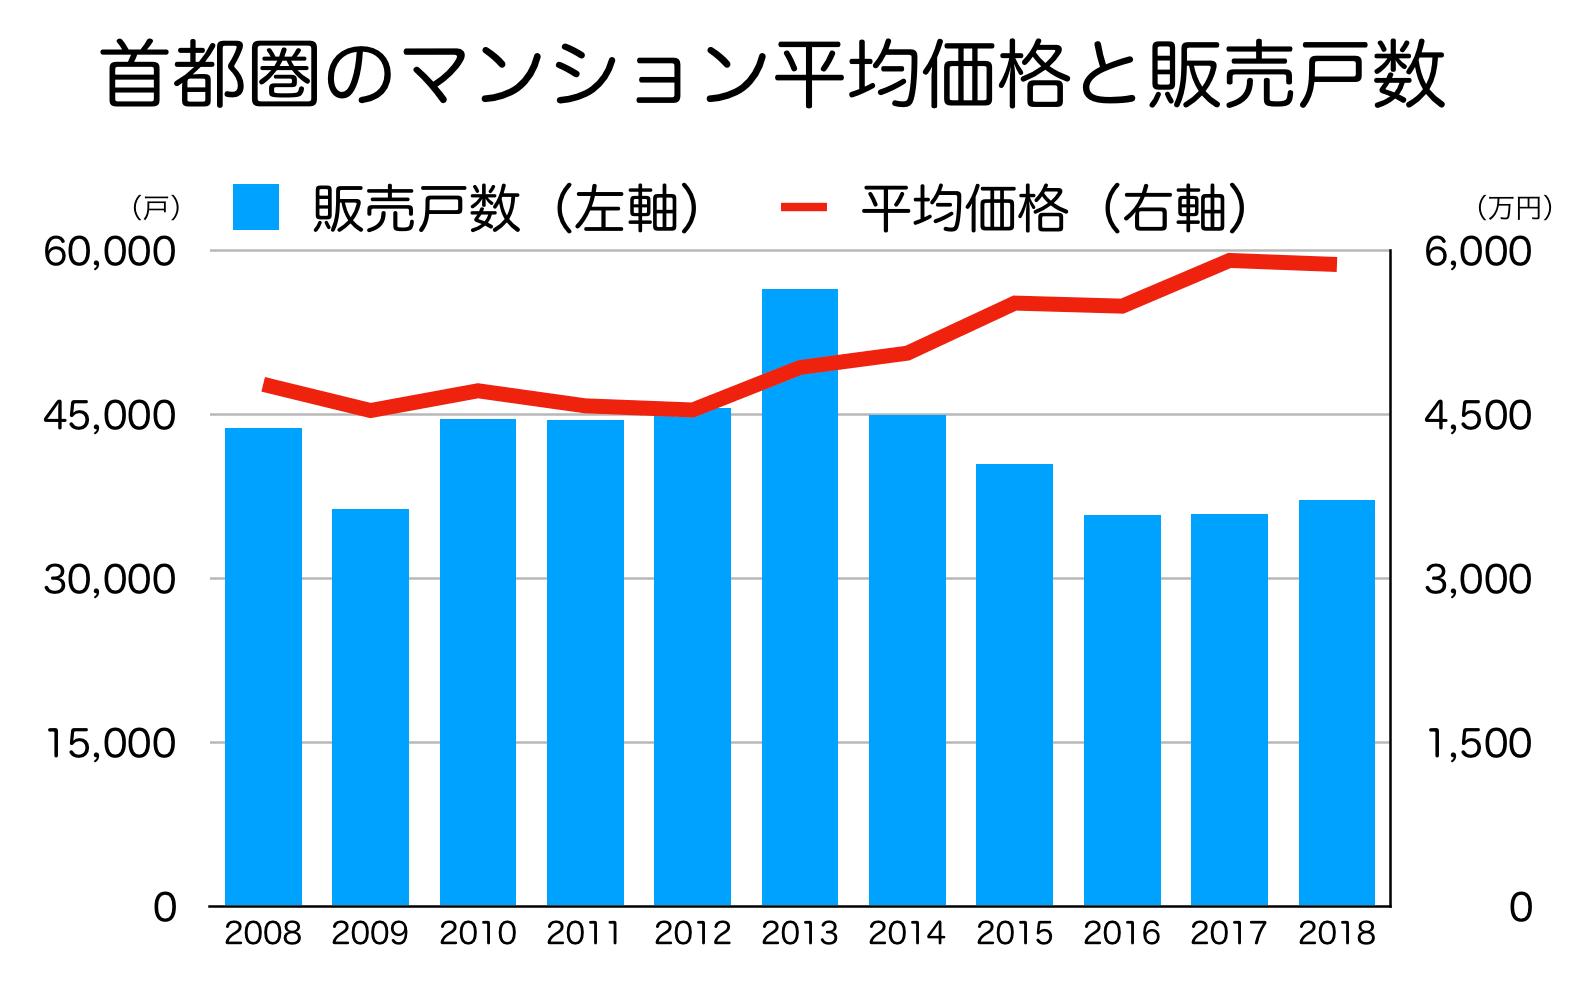 首都圏のマンション販売戸数の推移